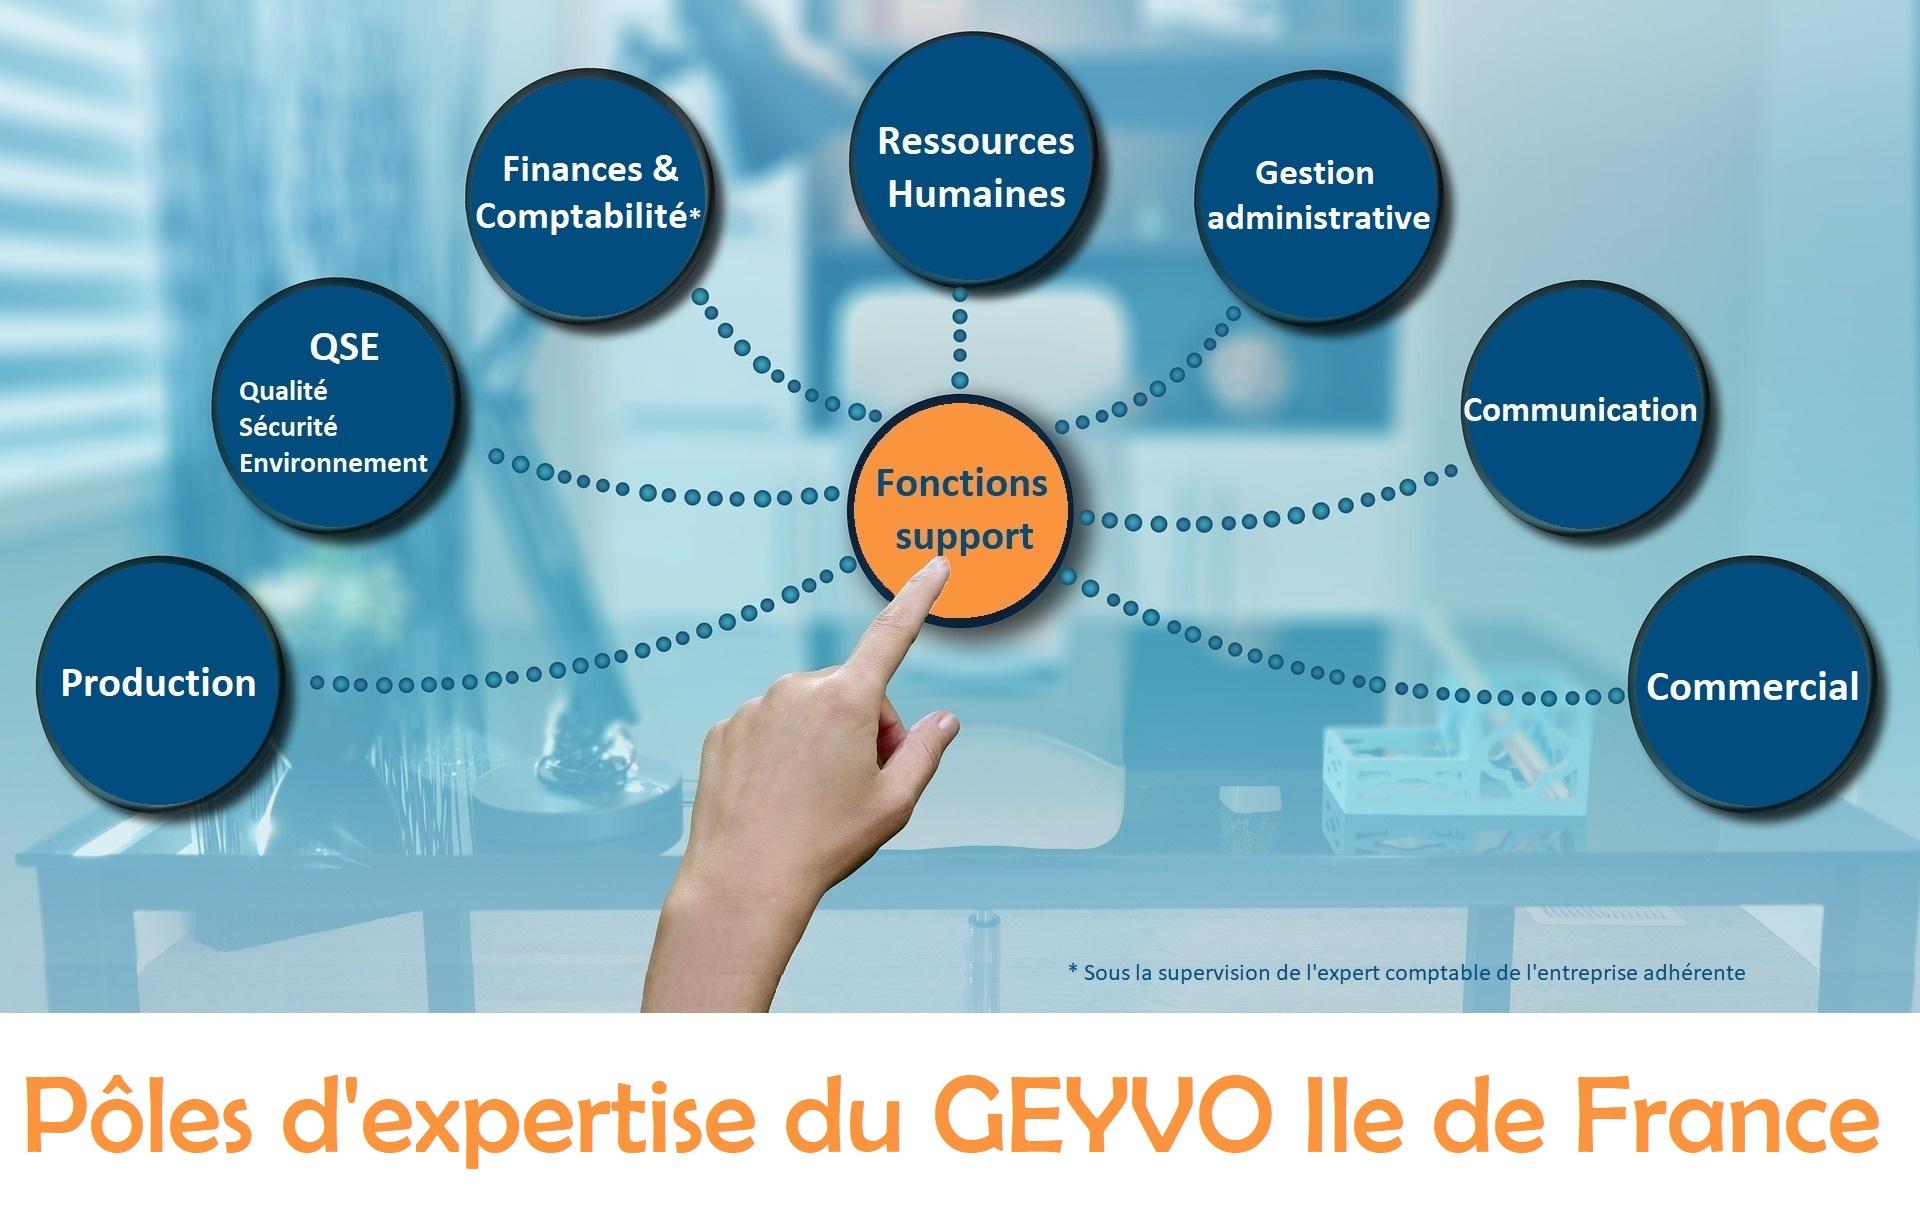 Pôles d'expertise du GEYVO Ile de France